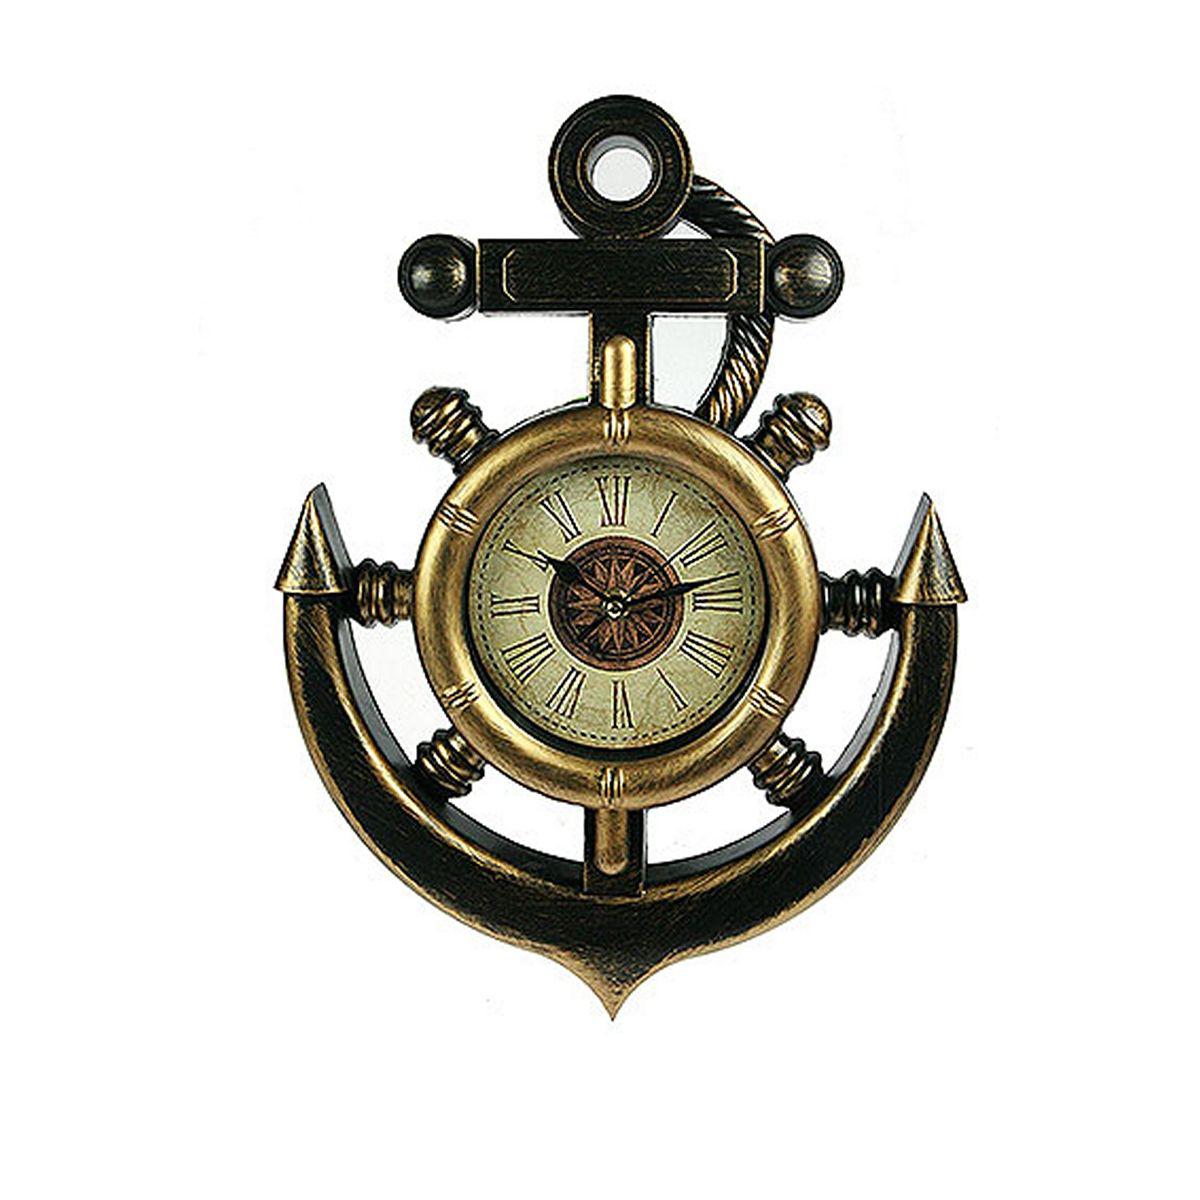 Часы настенные Русские Подарки Якорь, 28 х 39 см. 222435SC - WCD13MНастенные кварцевые часы Русские Подарки Якорь изготовлены из пластика. Корпус оригинально оформлен в виде якоря. Циферблат защищен стеклом. Часы имеют три стрелки - часовую, минутную и секундную. С обратной стороны имеетсяпетелька для подвешивания на стену. Такие часы красиво и необычно оформят интерьер дома или офиса. Также часы могут стать уникальным, полезным подарком для родственников, коллег, знакомых и близких.Часы работают от батареек типа АА (в комплект не входят).